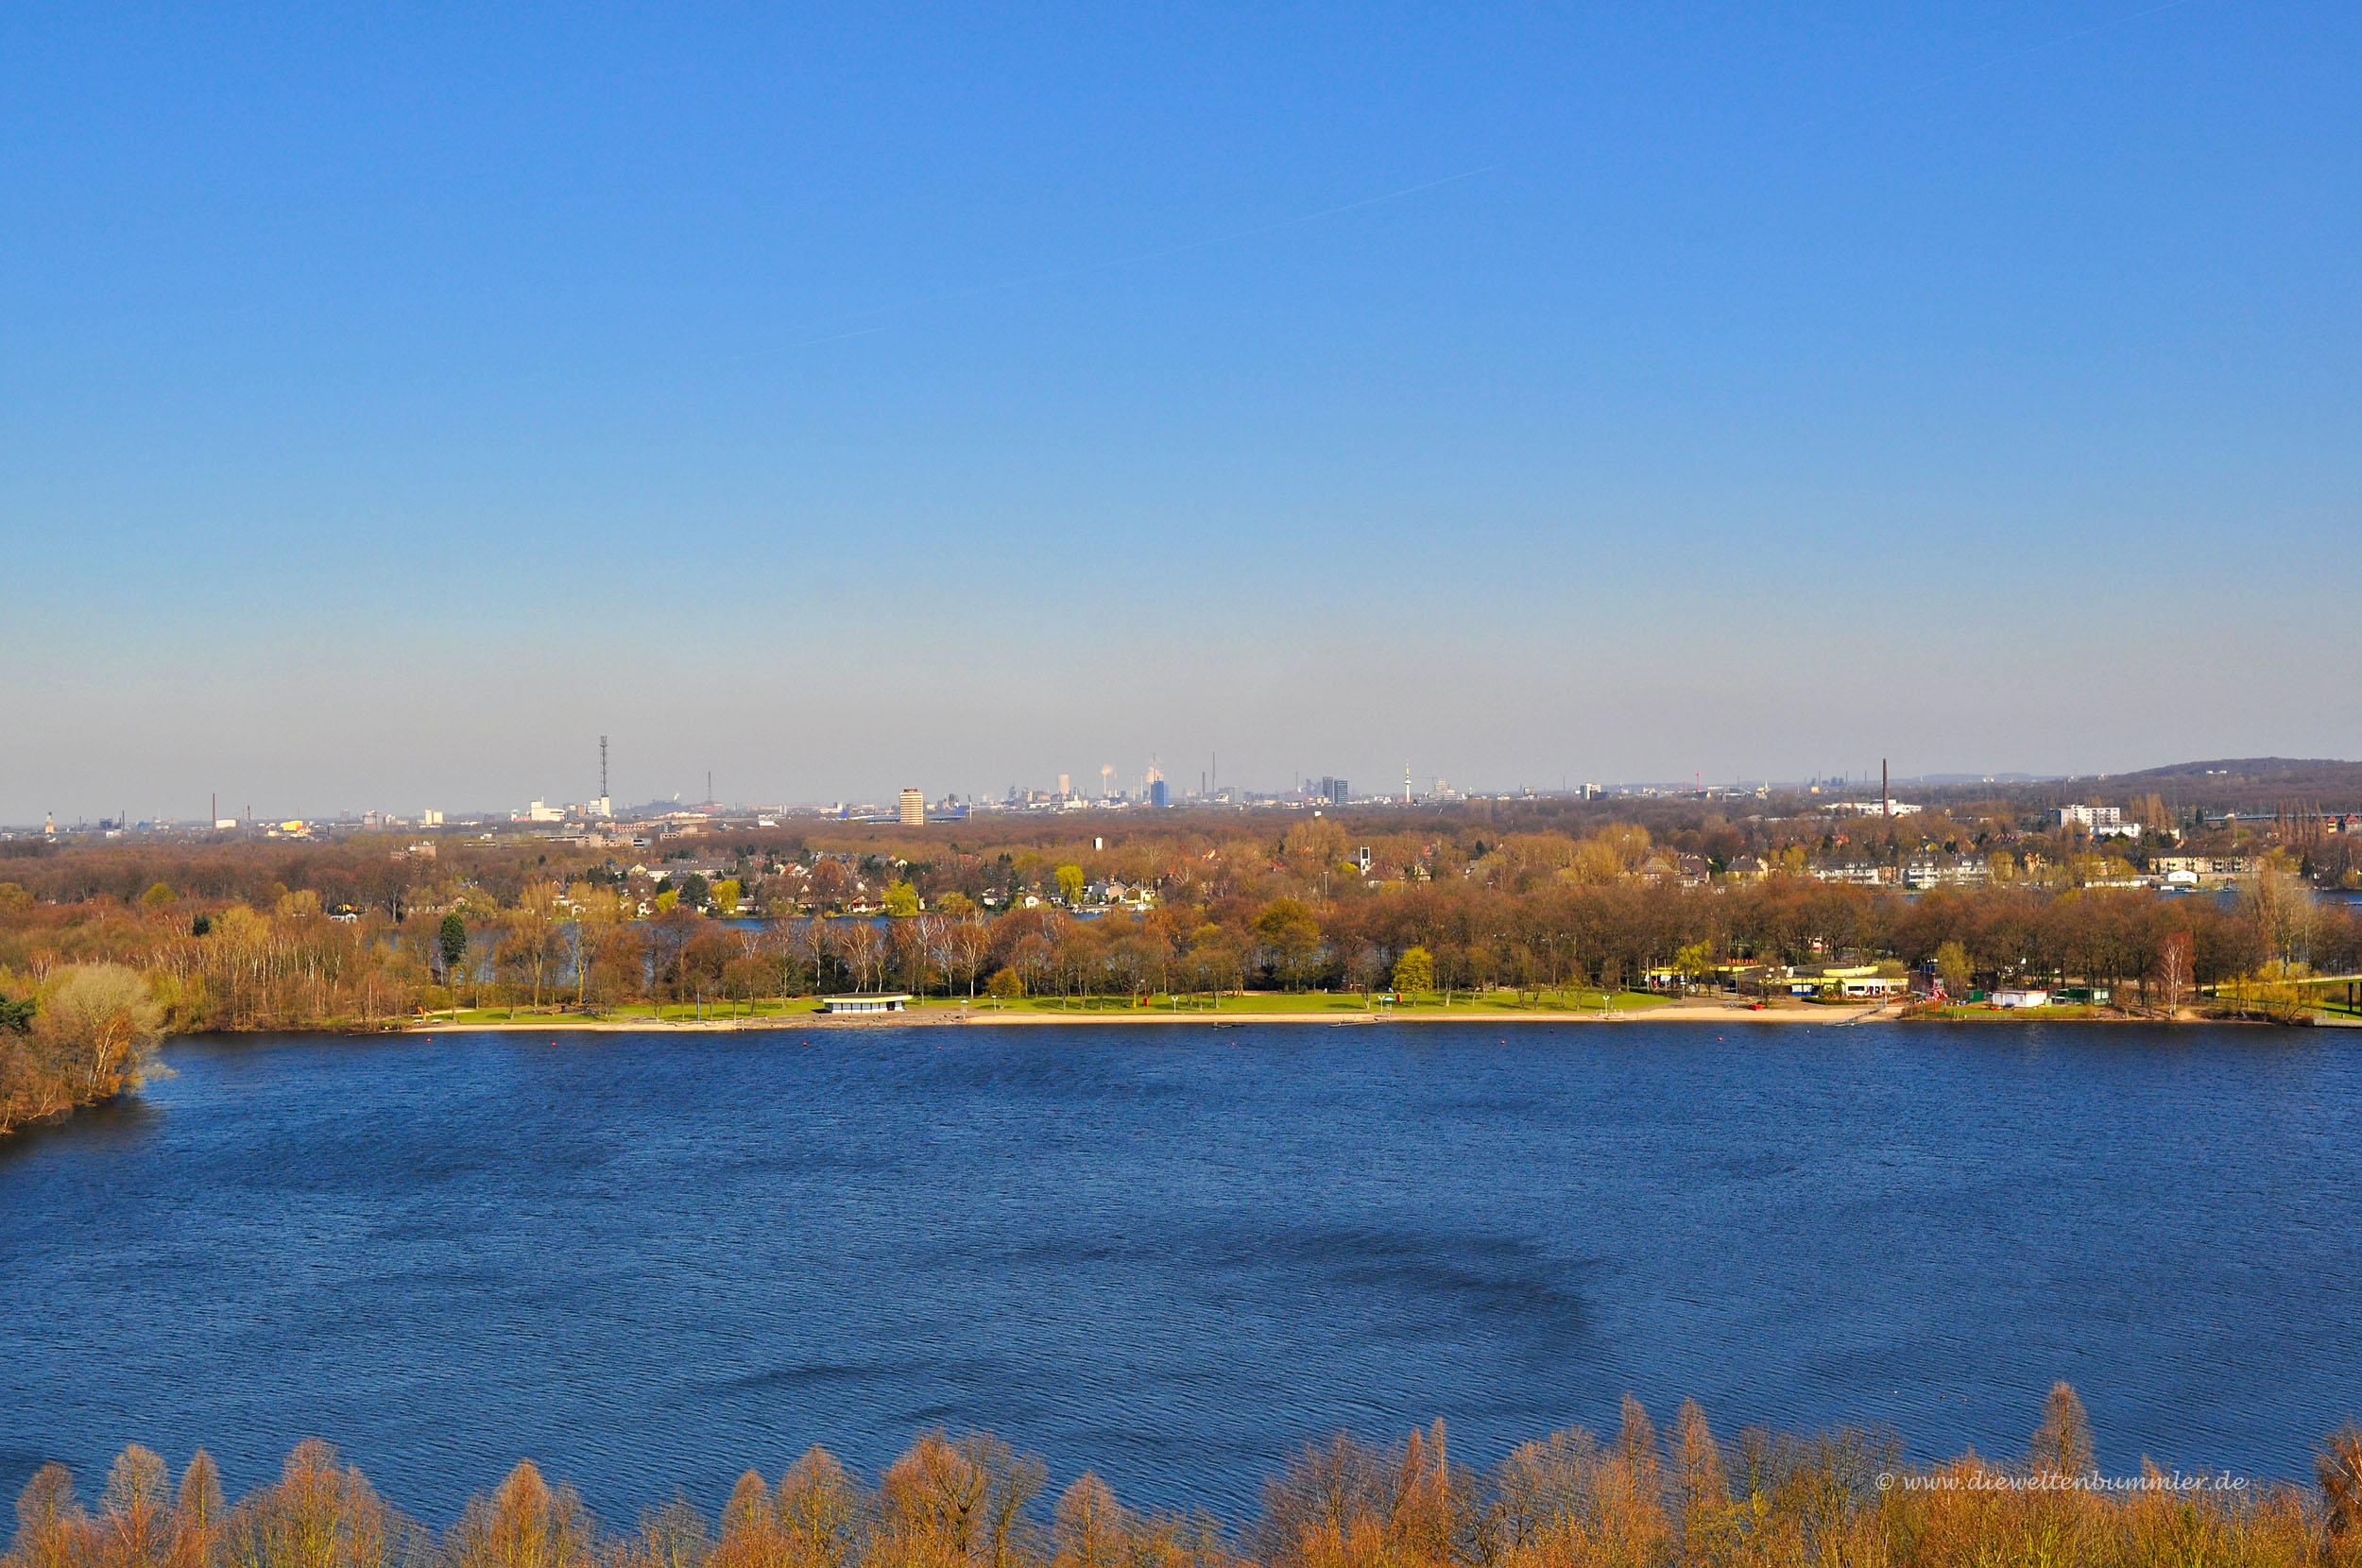 Aussicht über die Sechs-Seen-Platte